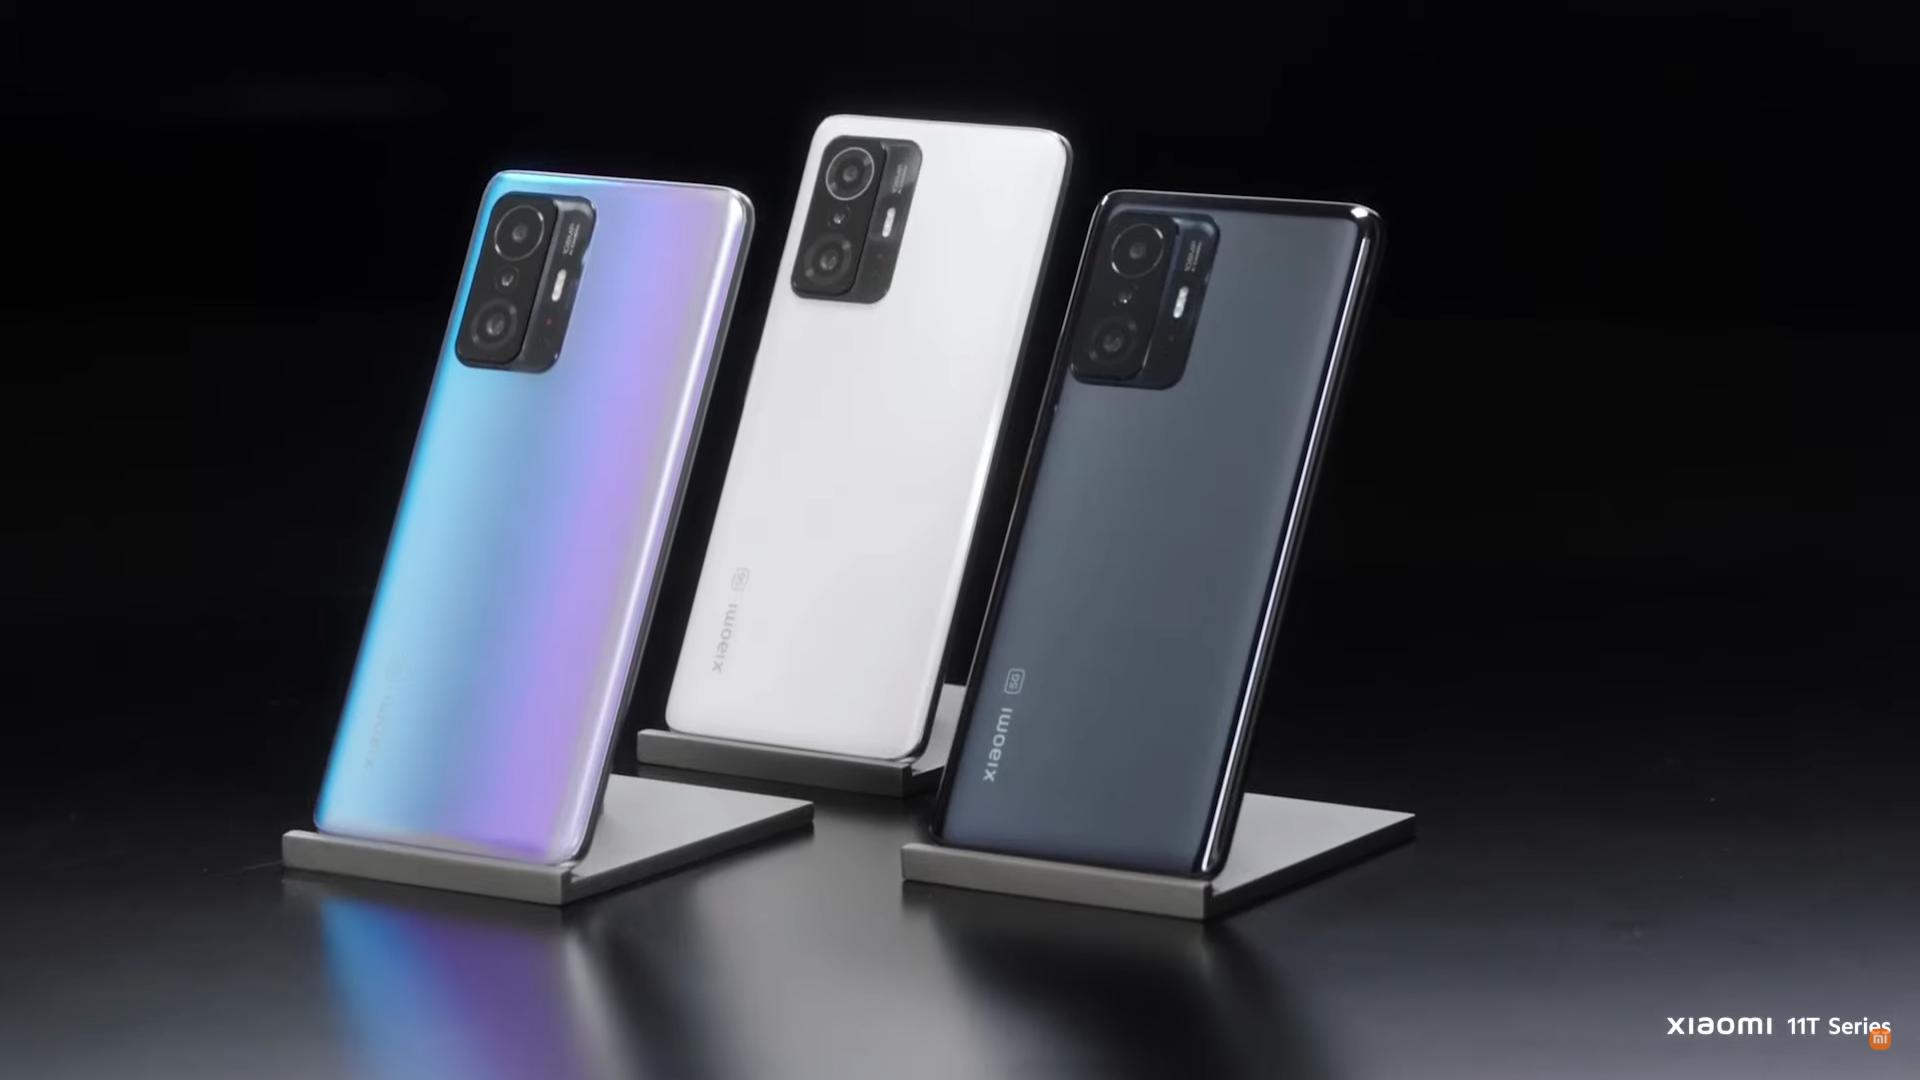 Xiaomi 11T está custando na promoção entre R$ 2.709,32 e R$ 3.324,55, dependendo do combo escolhido